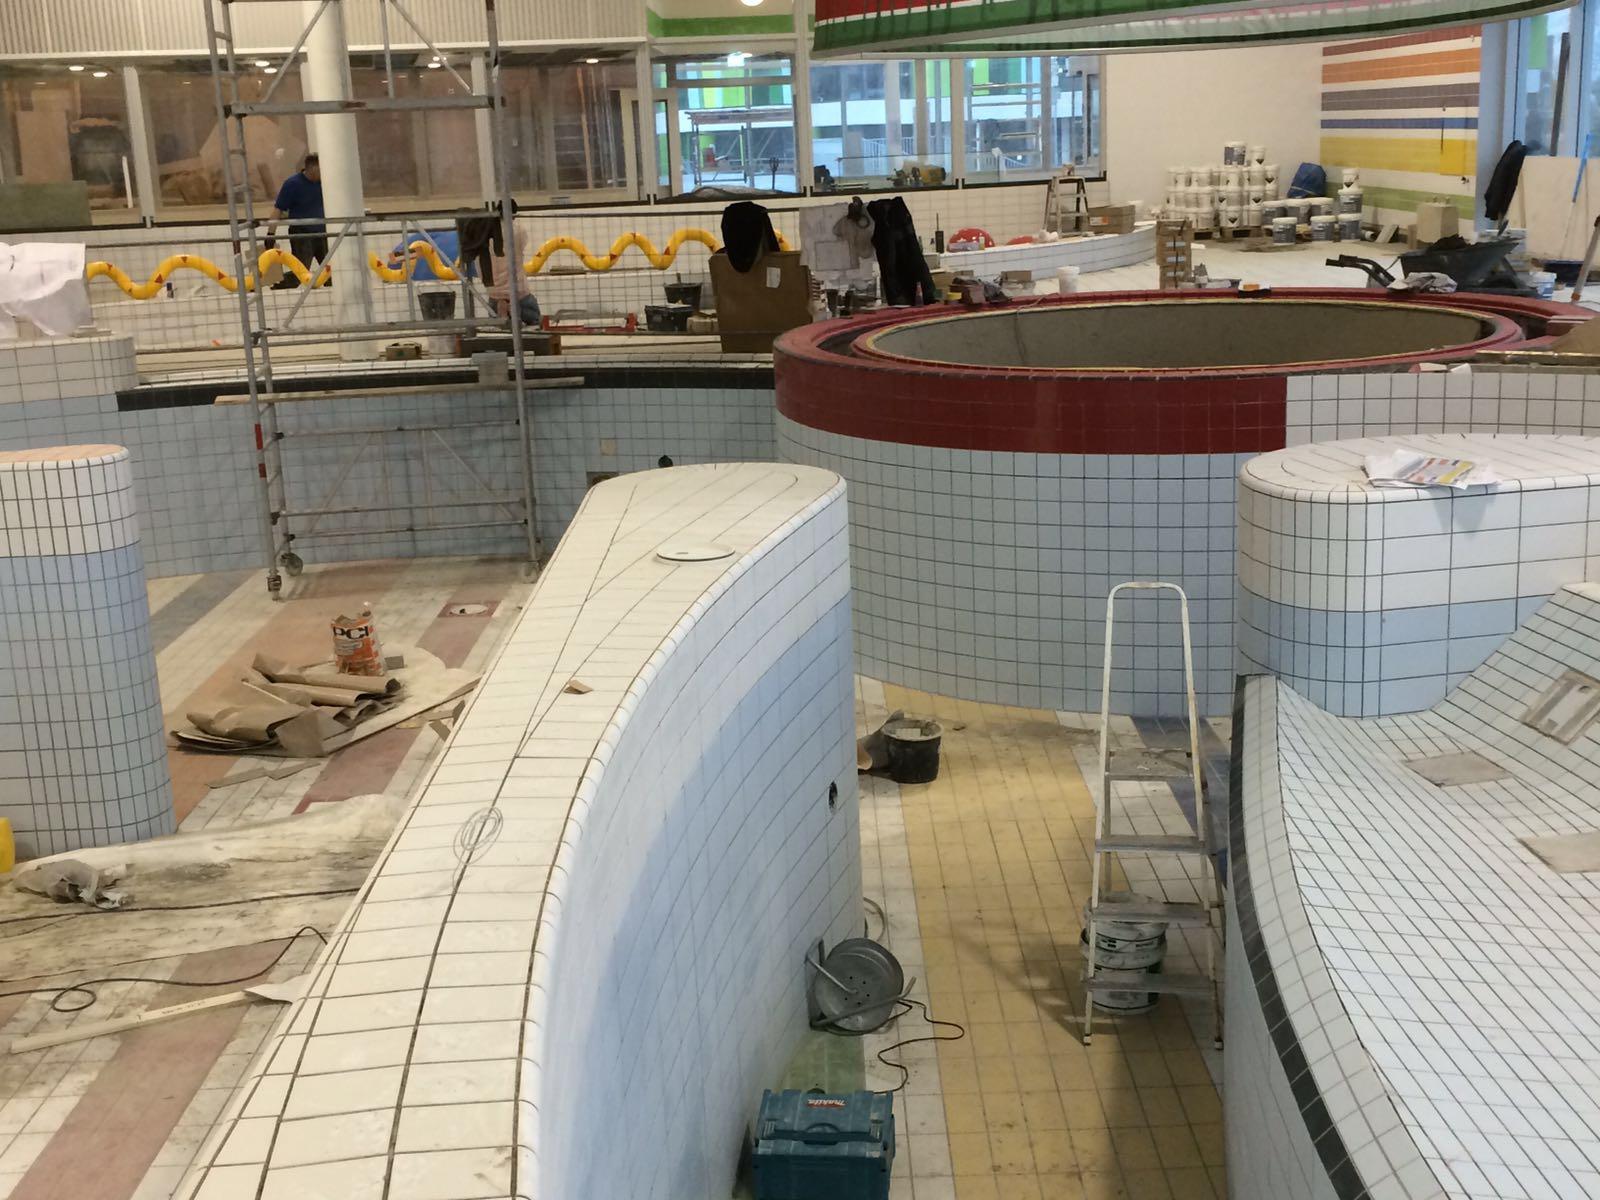 Sportcentrum De Waterkanten Lisse